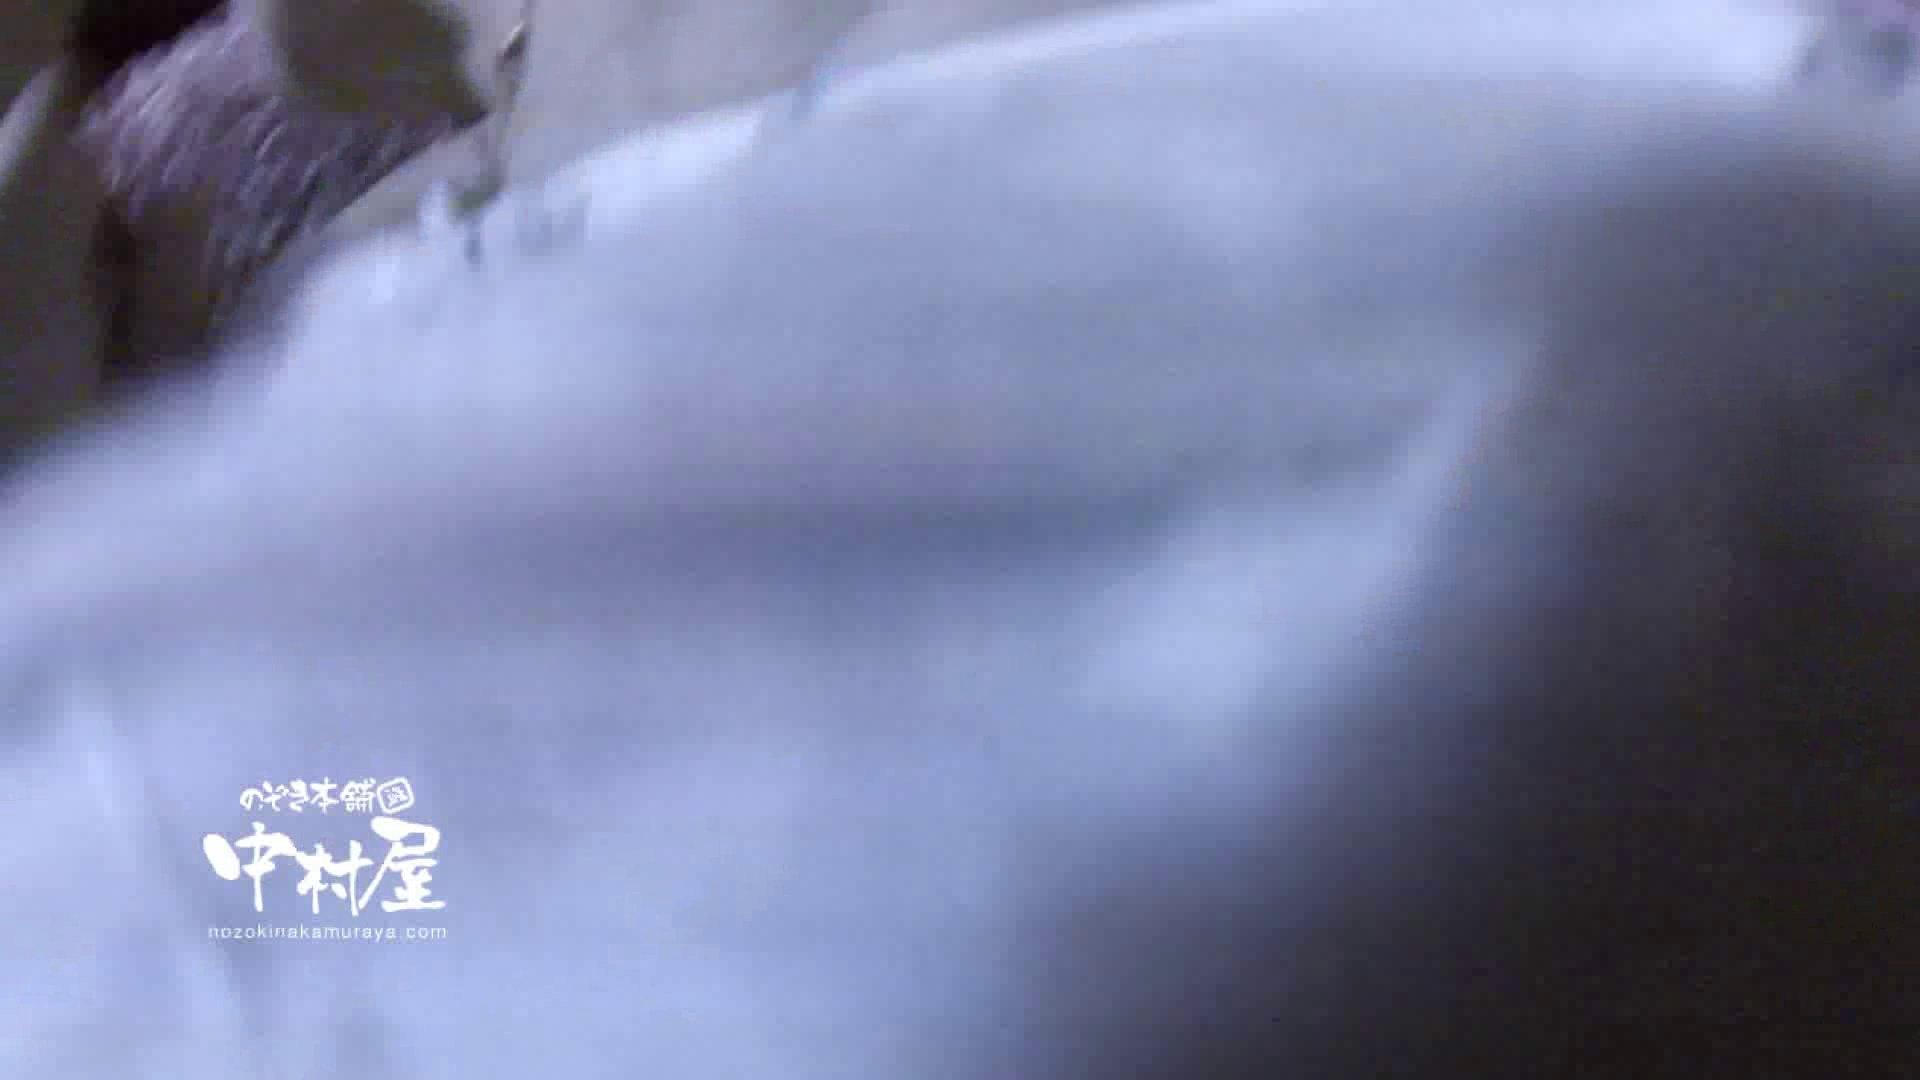 鬼畜 vol.10 あぁ無情…中出しパイパン! 前編 鬼畜 濡れ場動画紹介 101連発 79